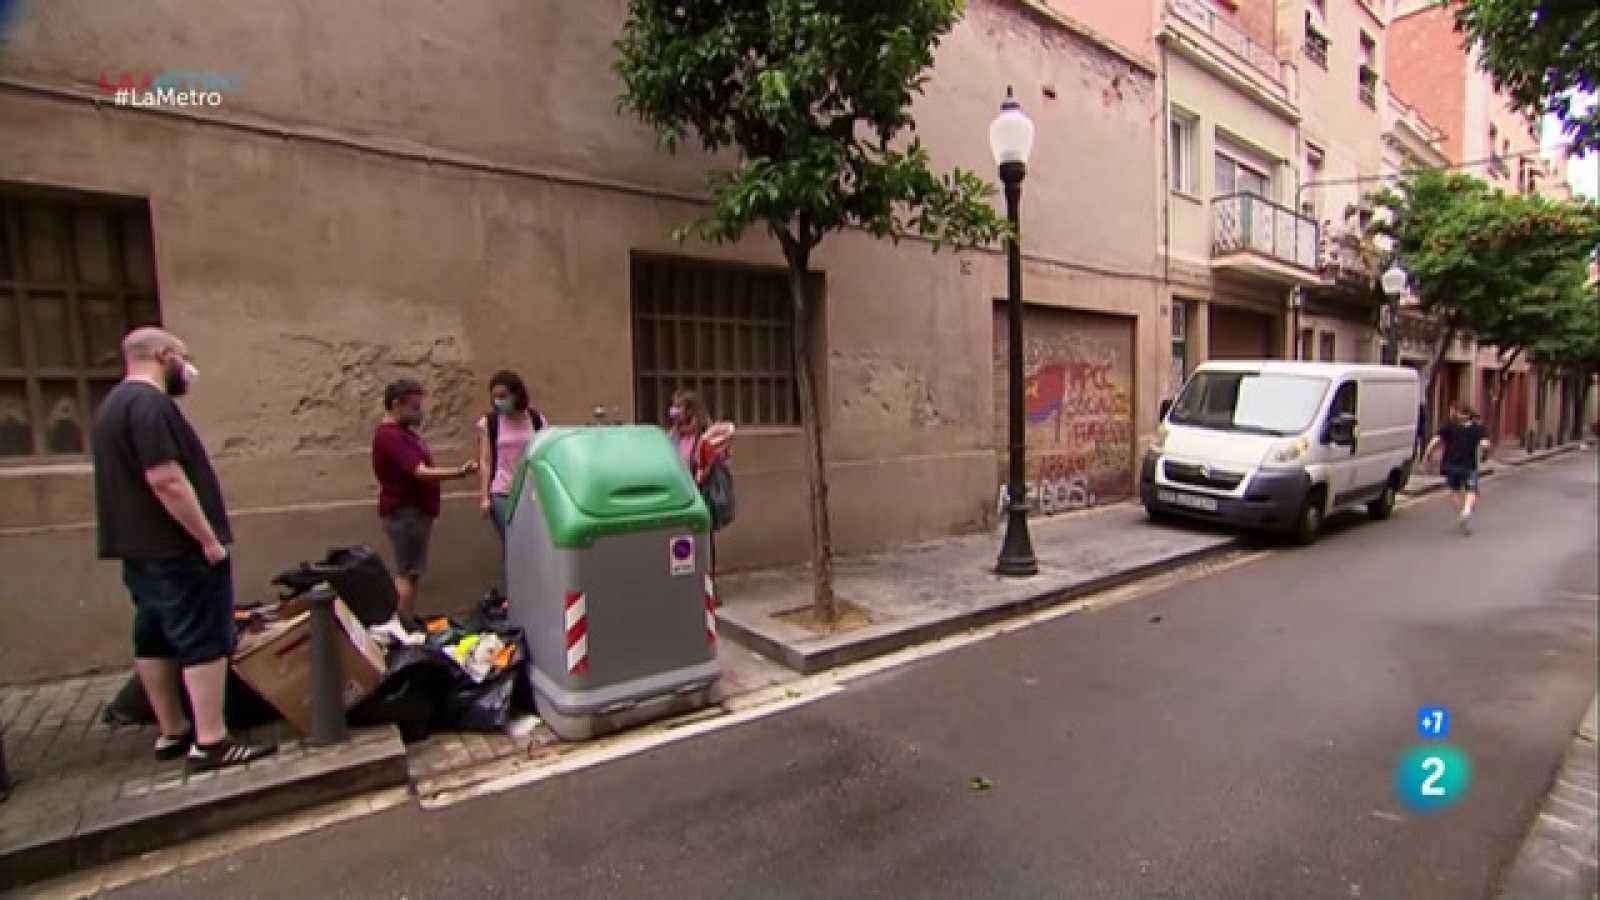 Parlem del sistema de recollida d'escombraries porta a porta que s'ha implantat a Sant Andreu, que esta resultant molt complicat, coneixem el servei d'autoreparació Reparatruck i el què fan al Molí Fariner, a Martorell, per facilitar trobar feina.